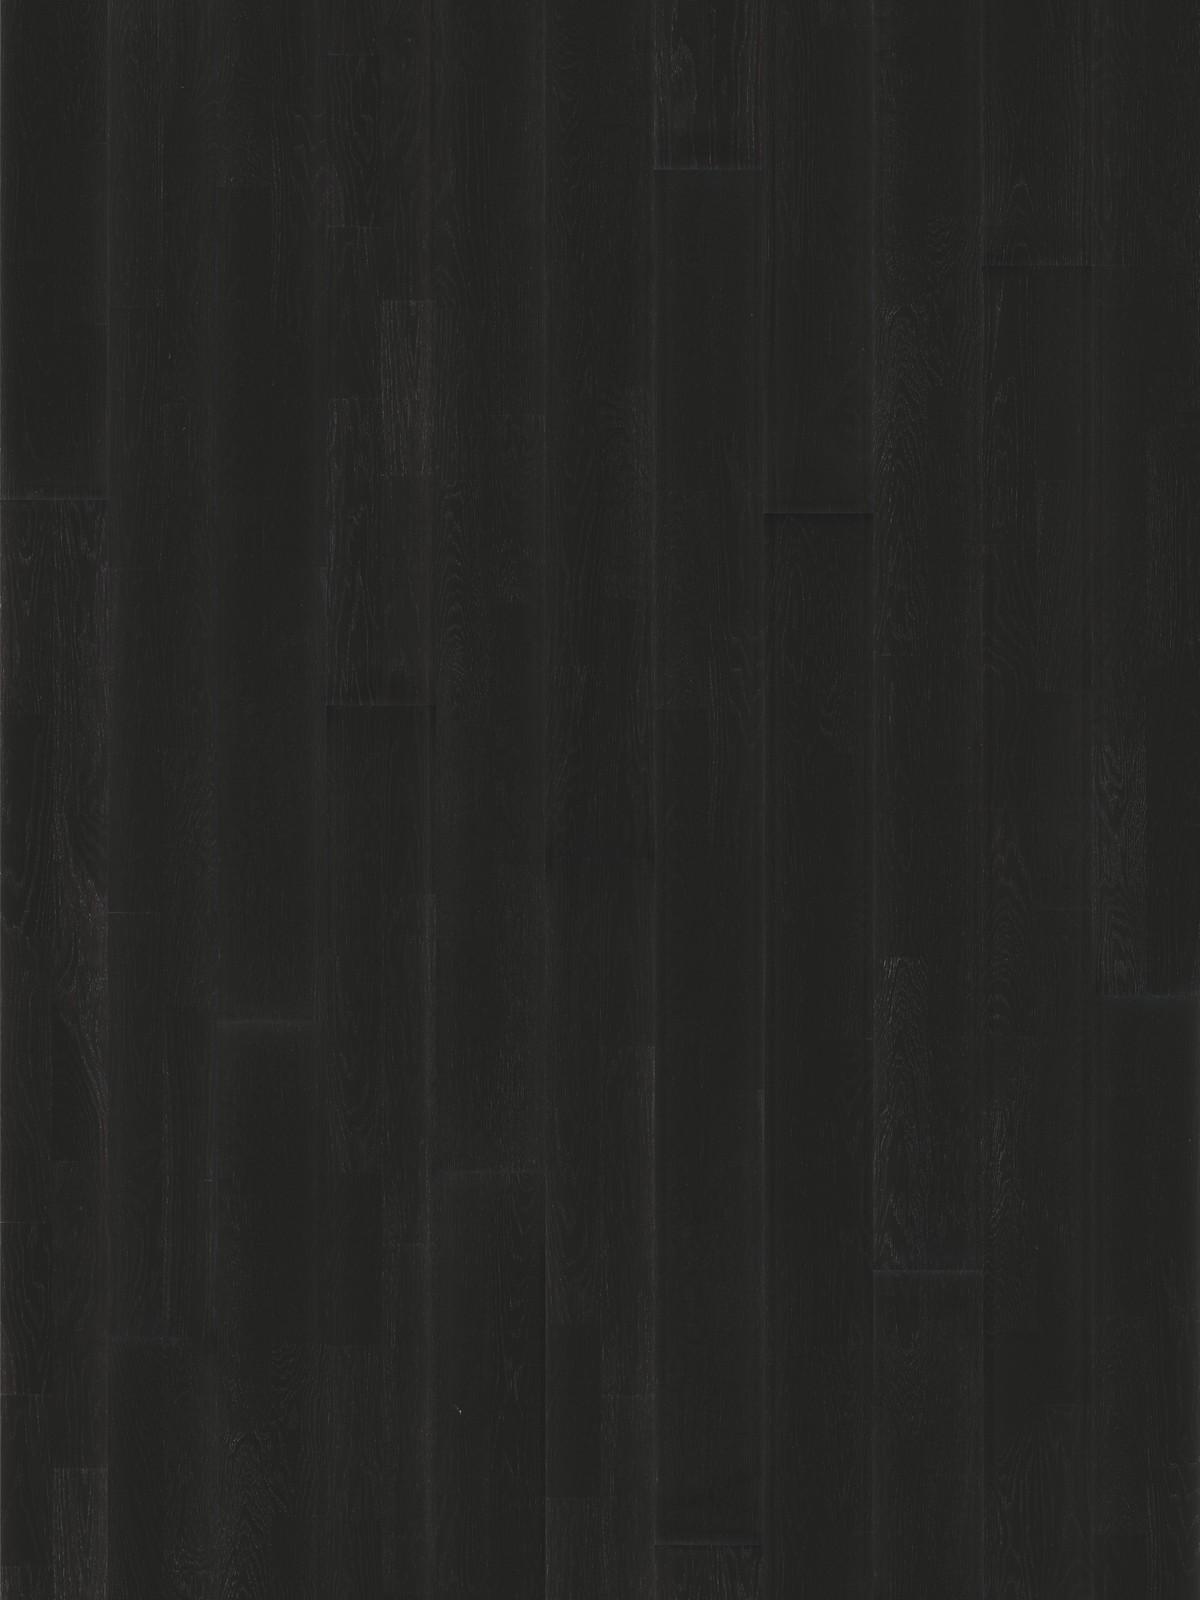 Parchet triplustratificat Stejar Nouveau Charcoal